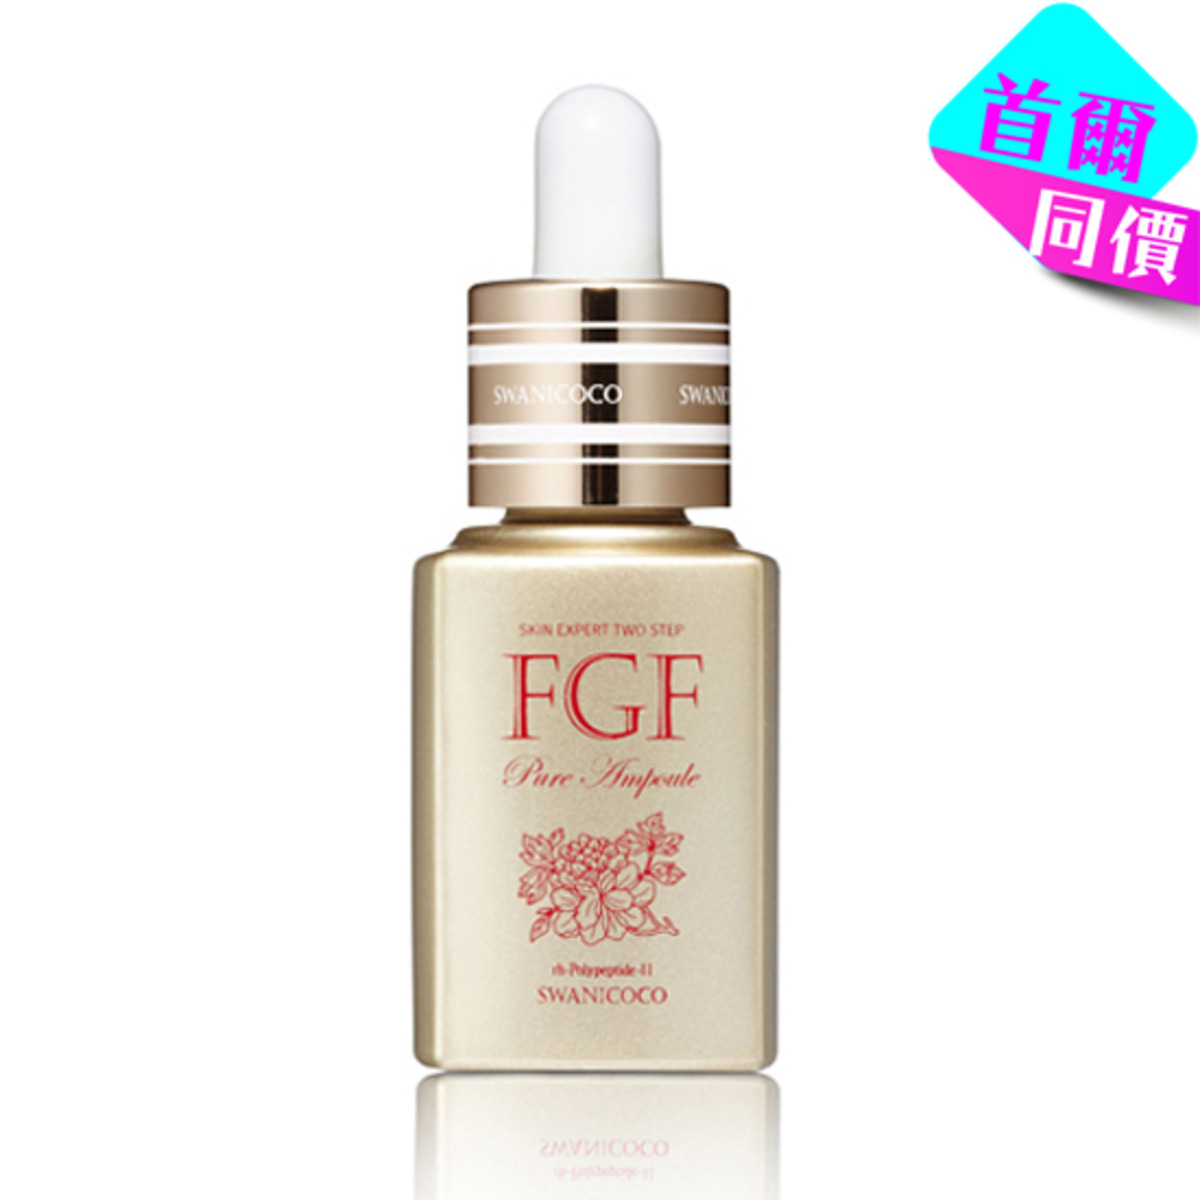 FGF 10ppm 99% 純正安瓶 15毫升